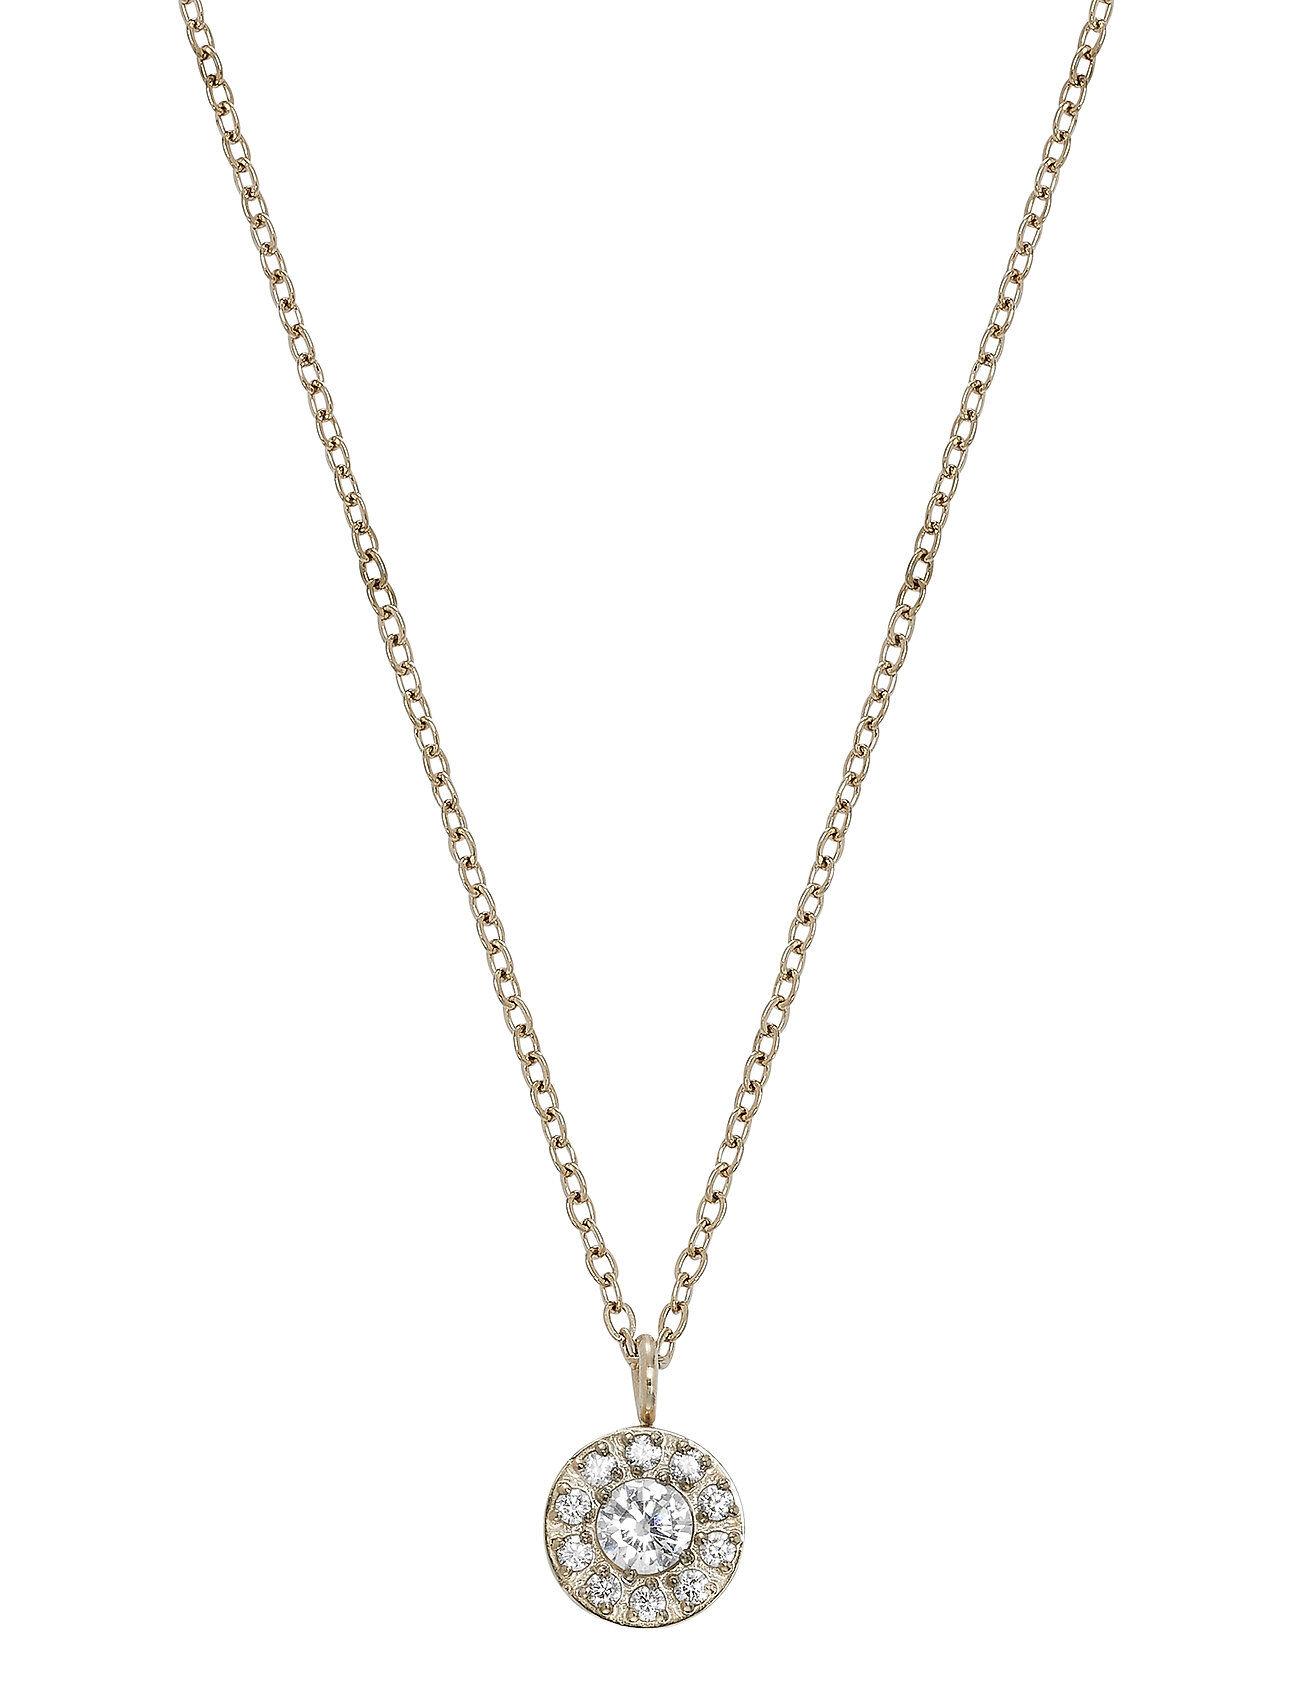 Edblad Thassos Necklace Mini Accessories Jewellery Necklaces Dainty Necklaces Kulta Edblad